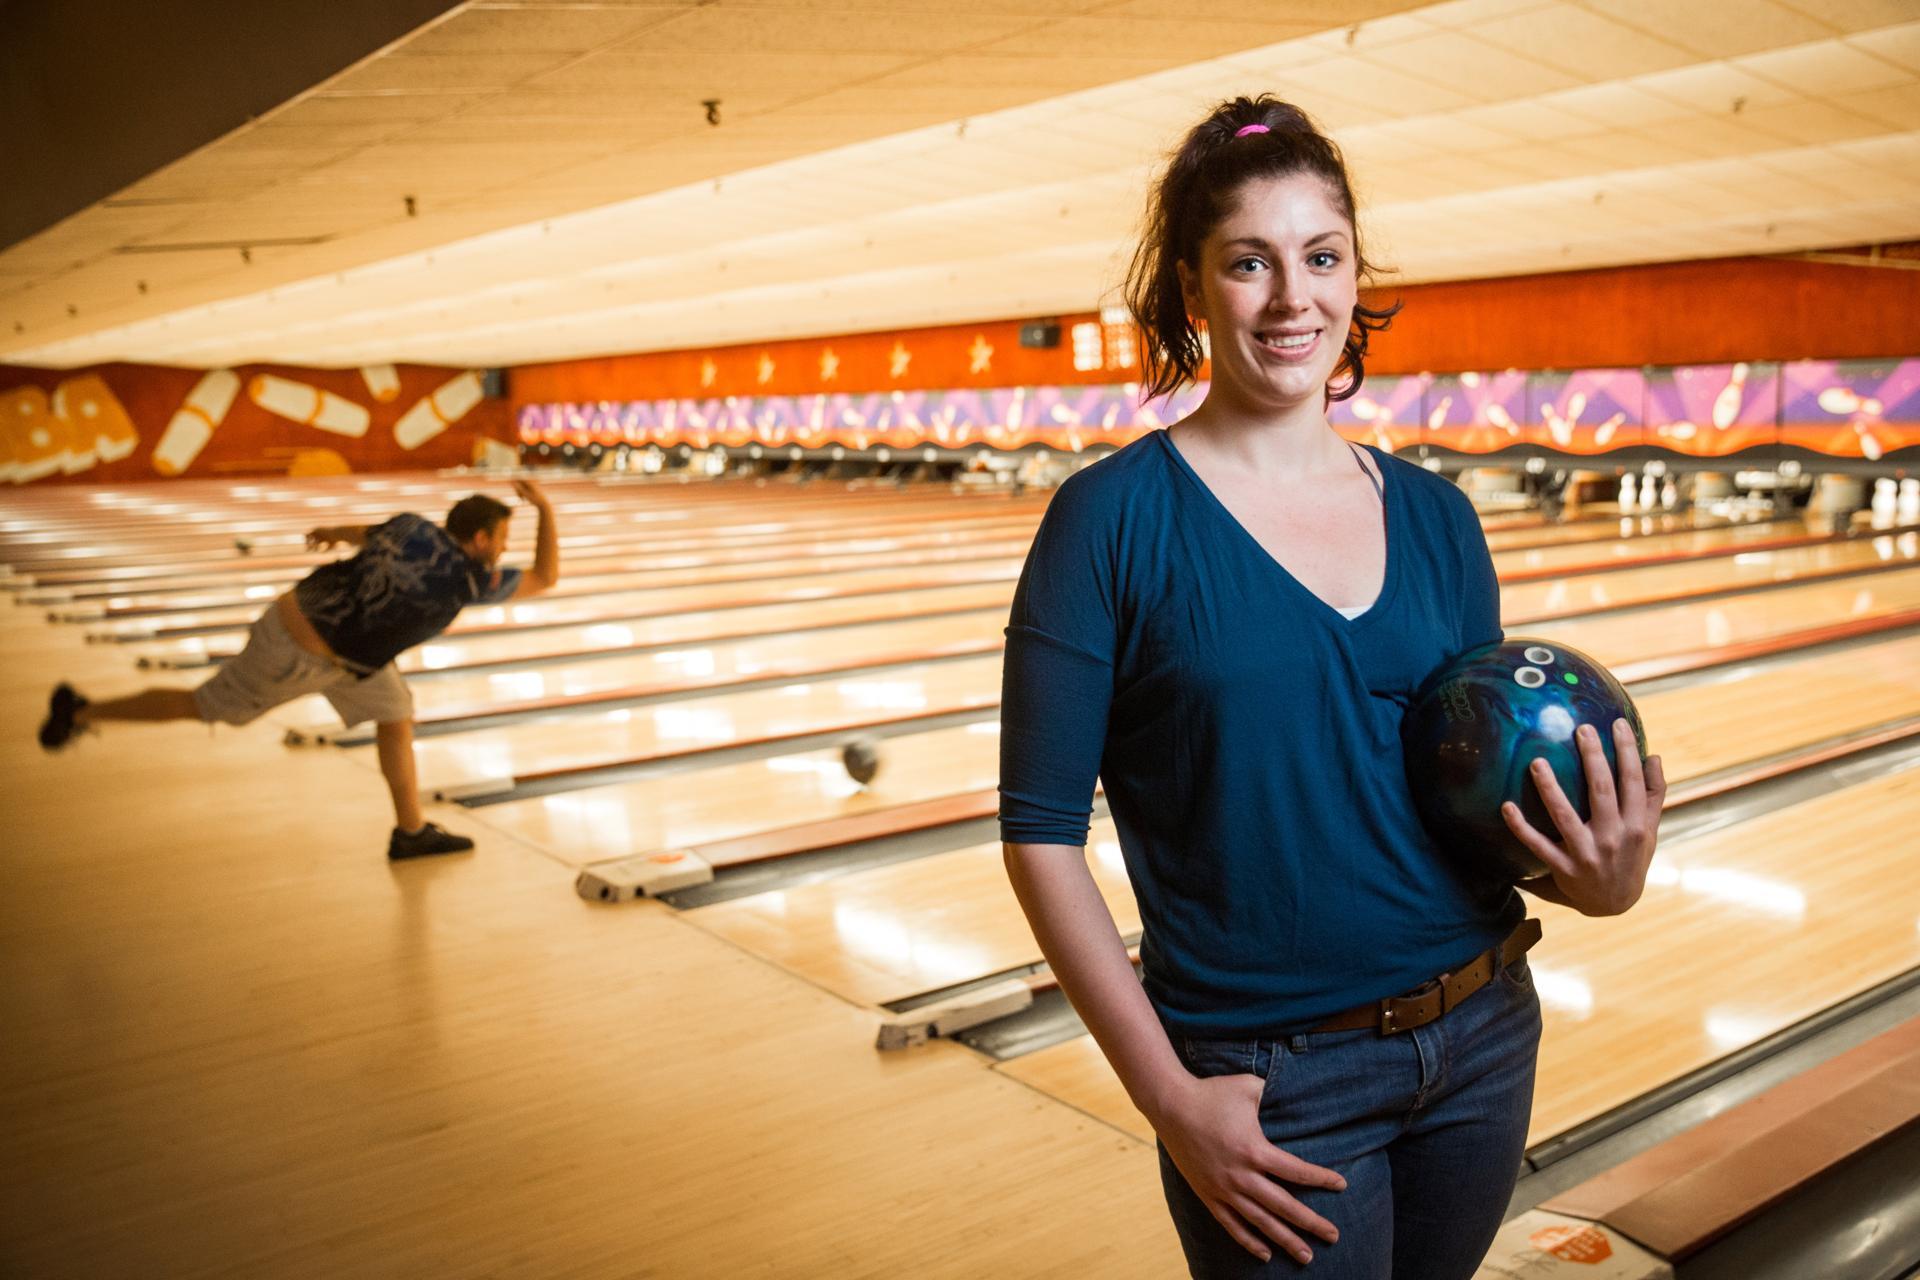 05/21/2017 CAMBRIDGE, MA Allyssia Ashman (cq) of Medford, bowls at Lanes and Games in Cambridge. (Aram Boghosian for The Boston Globe)